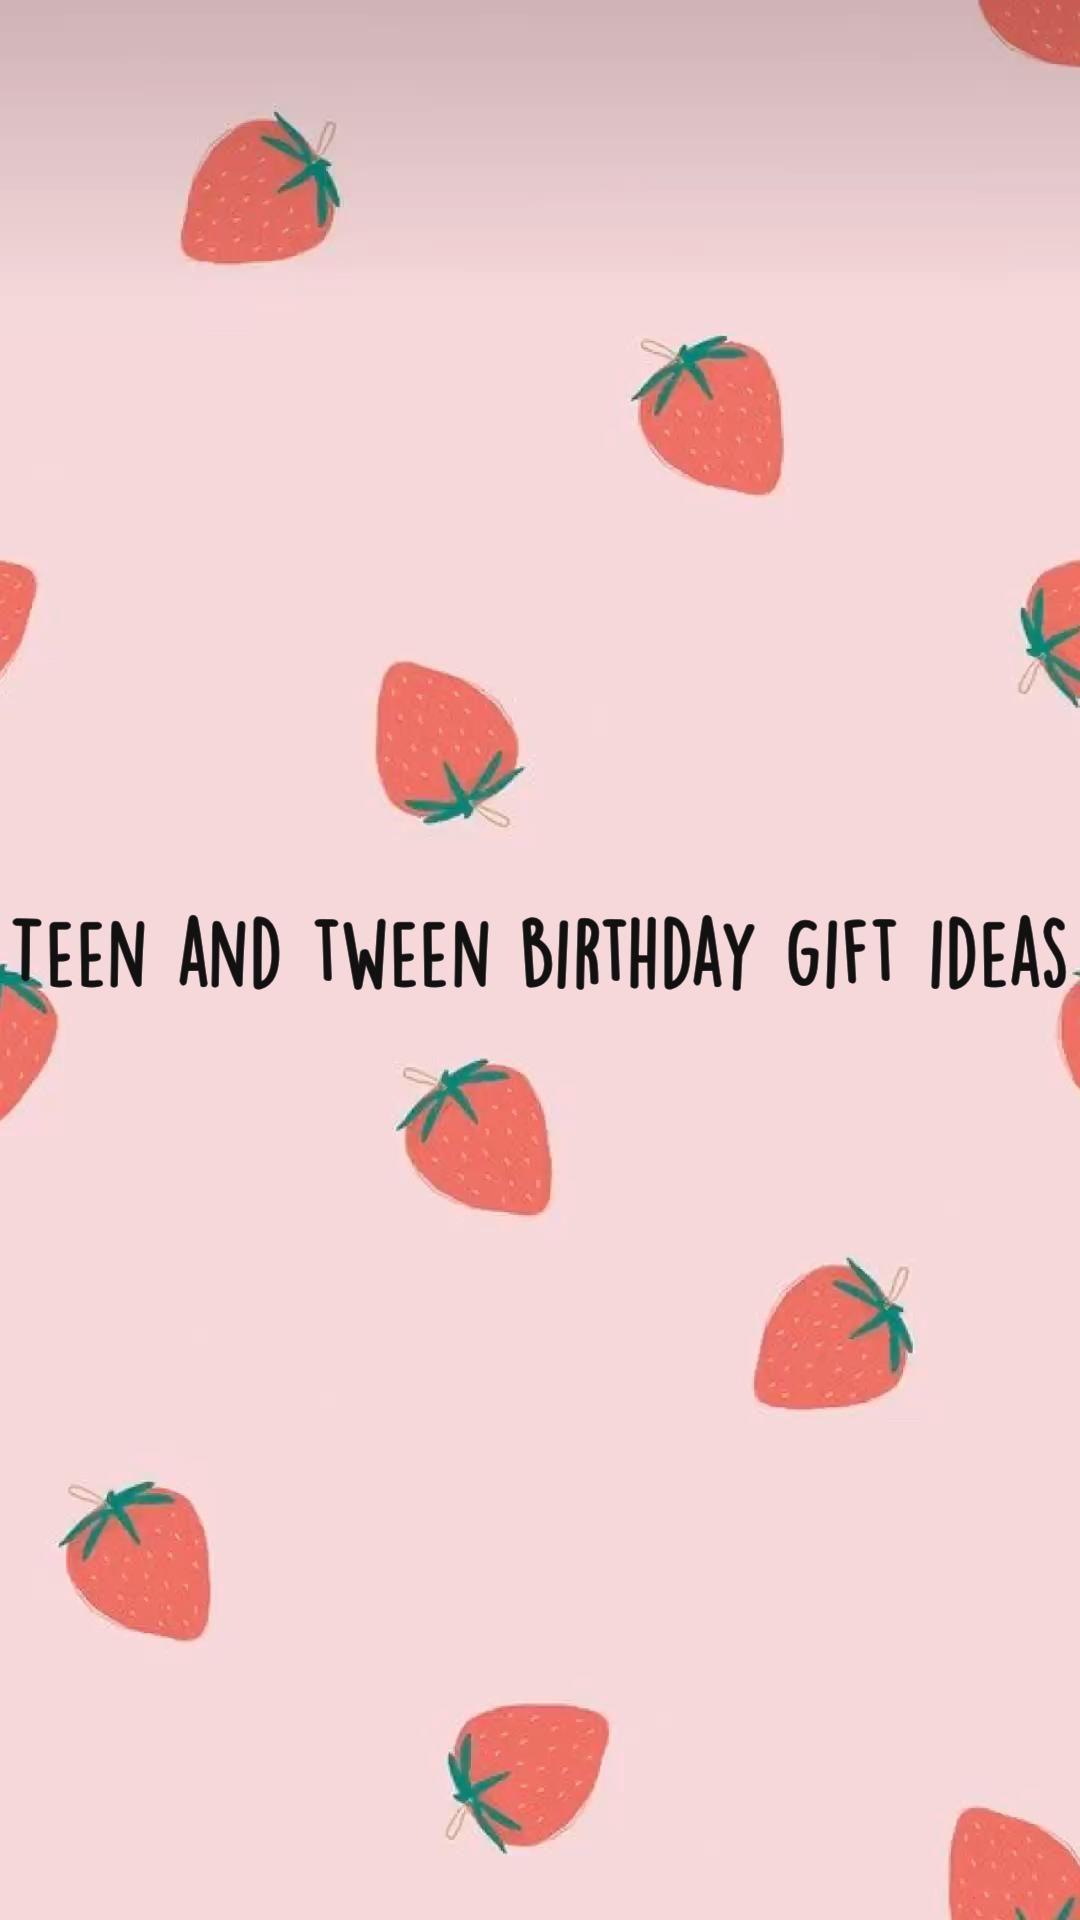 Teen and tween birthday gift ideas